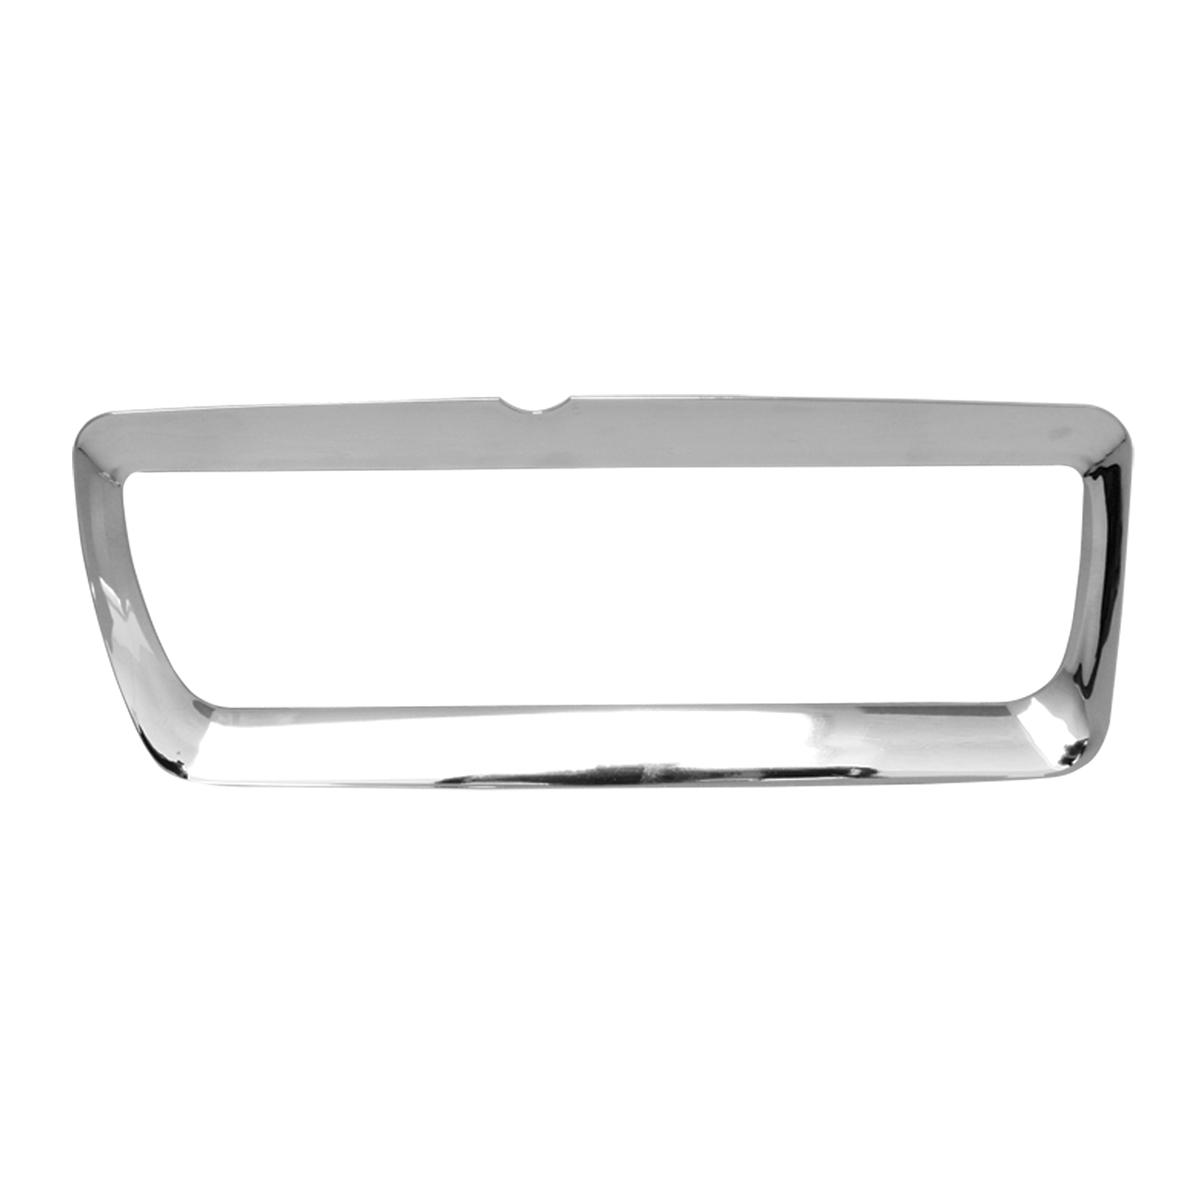 67849 Header Pocket Bezel Trim for Driver Side Kenworth W&T